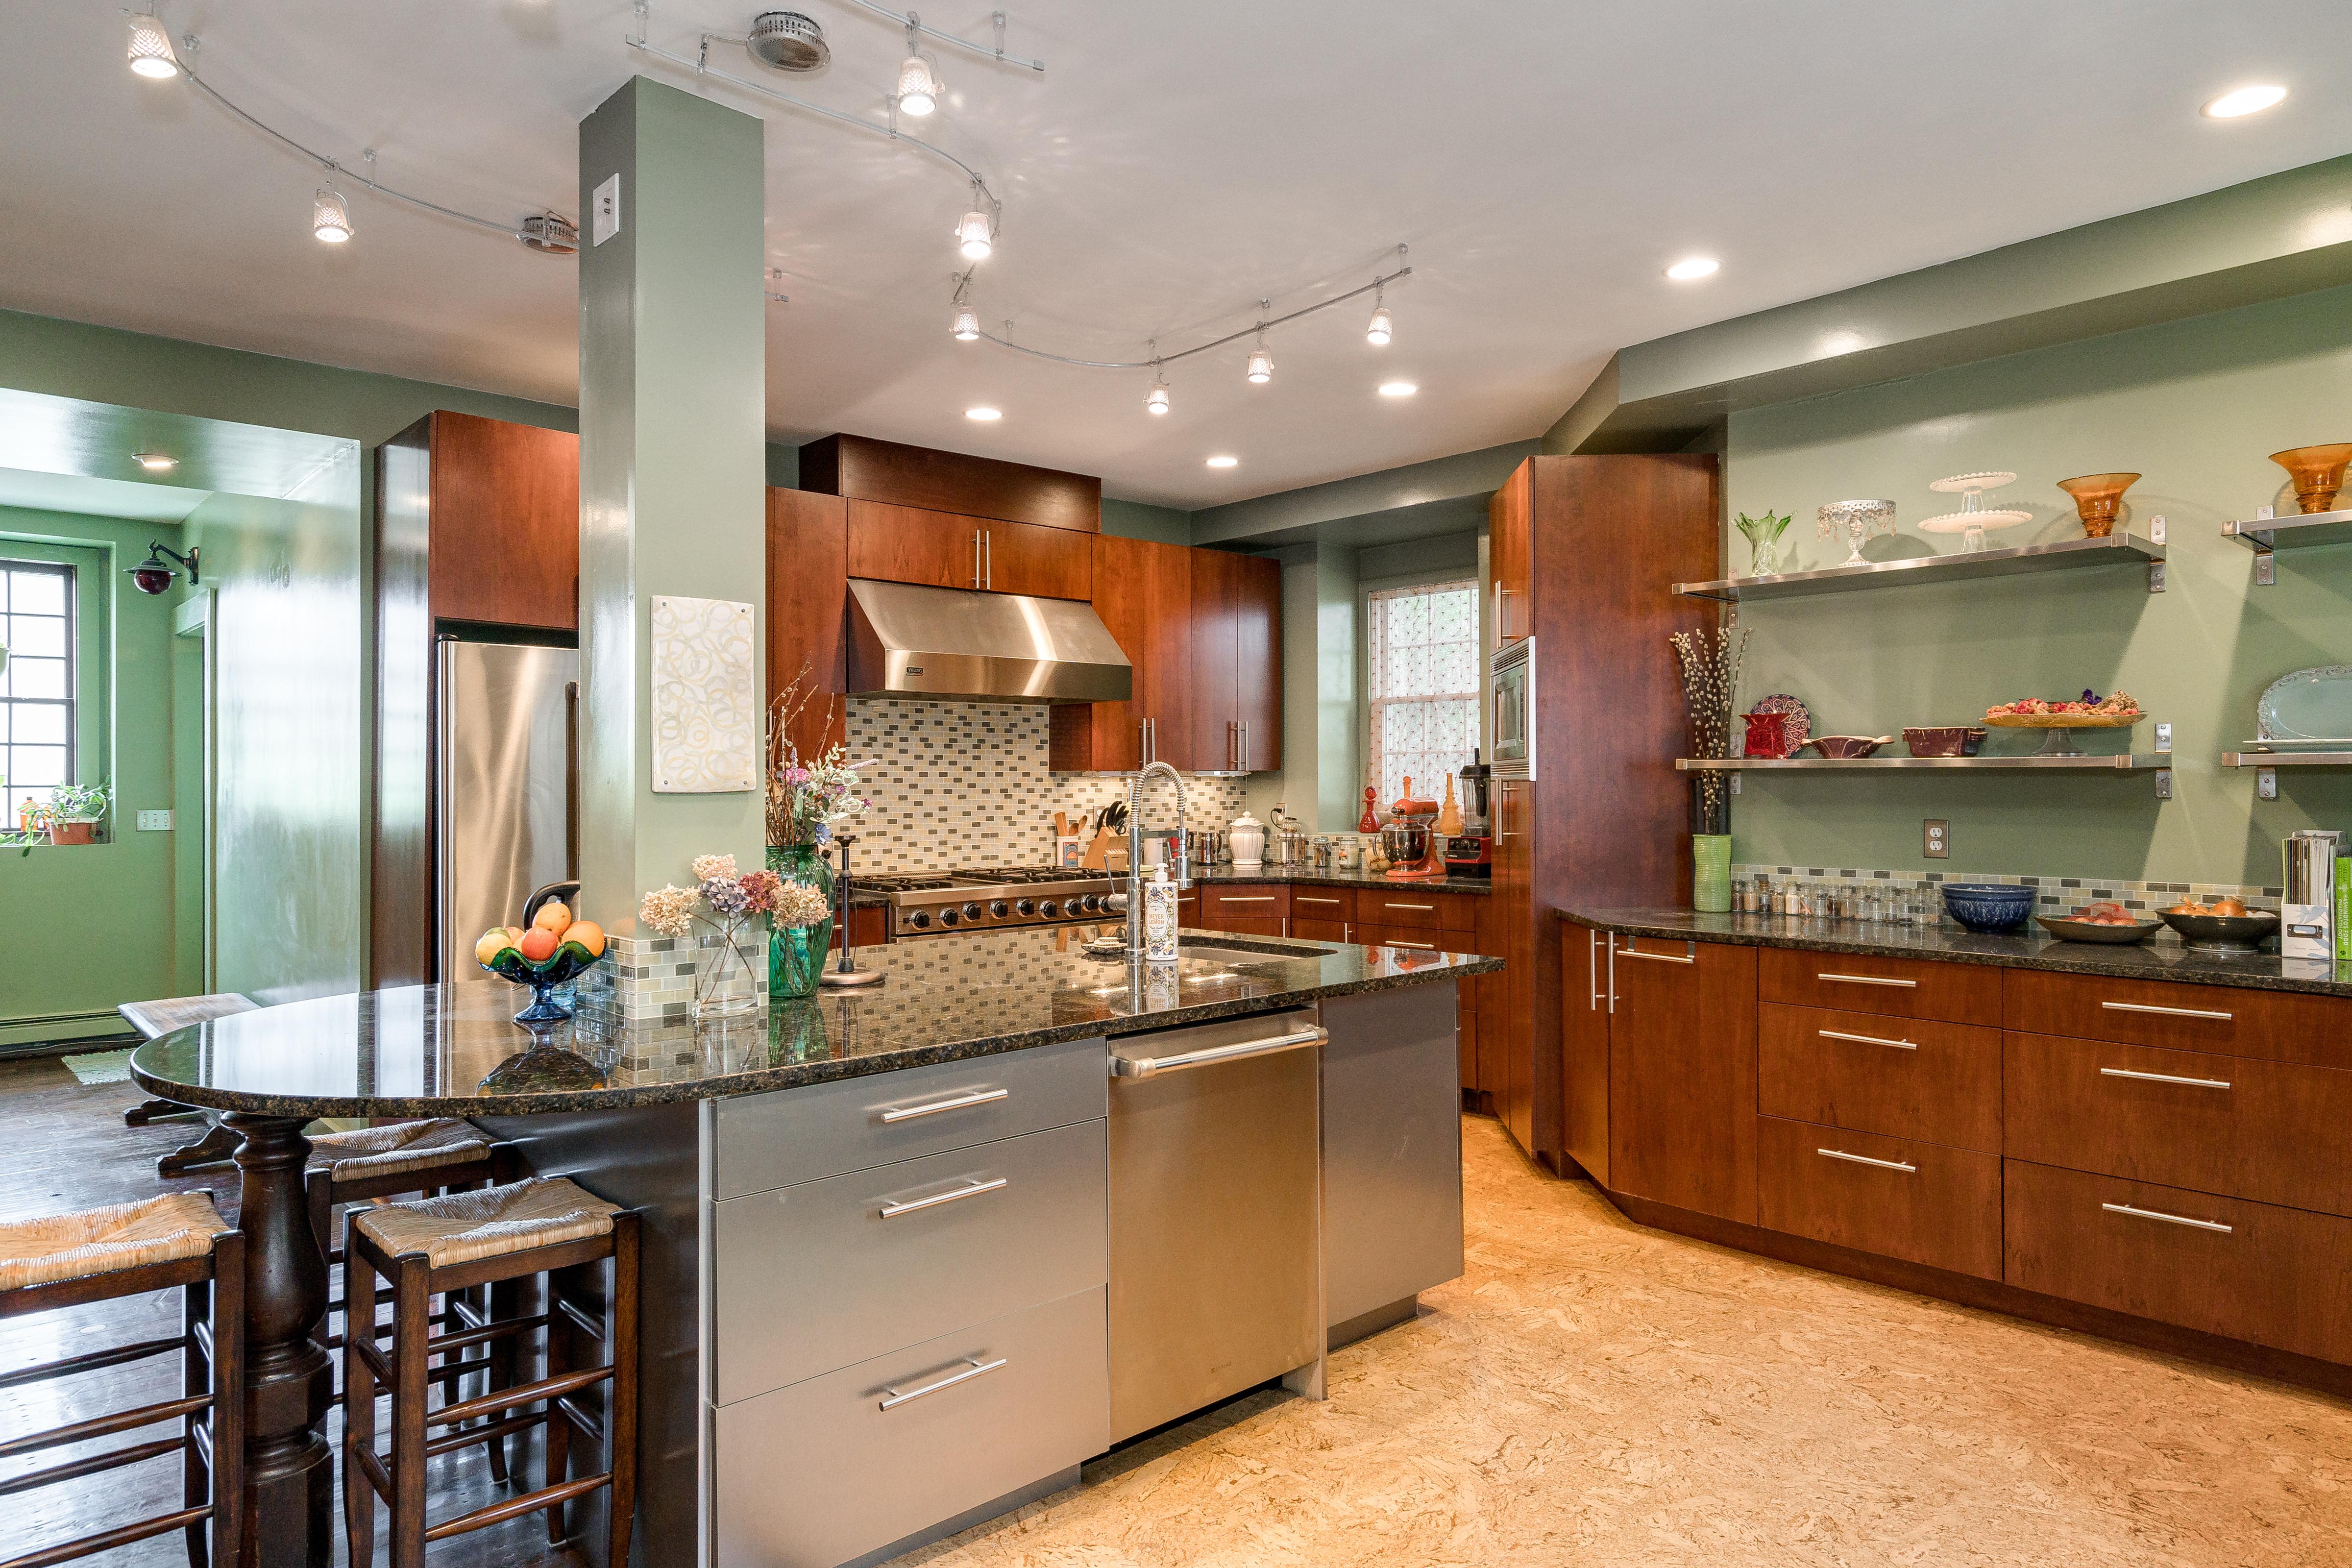 16-williams-st-easton-kitchen-island